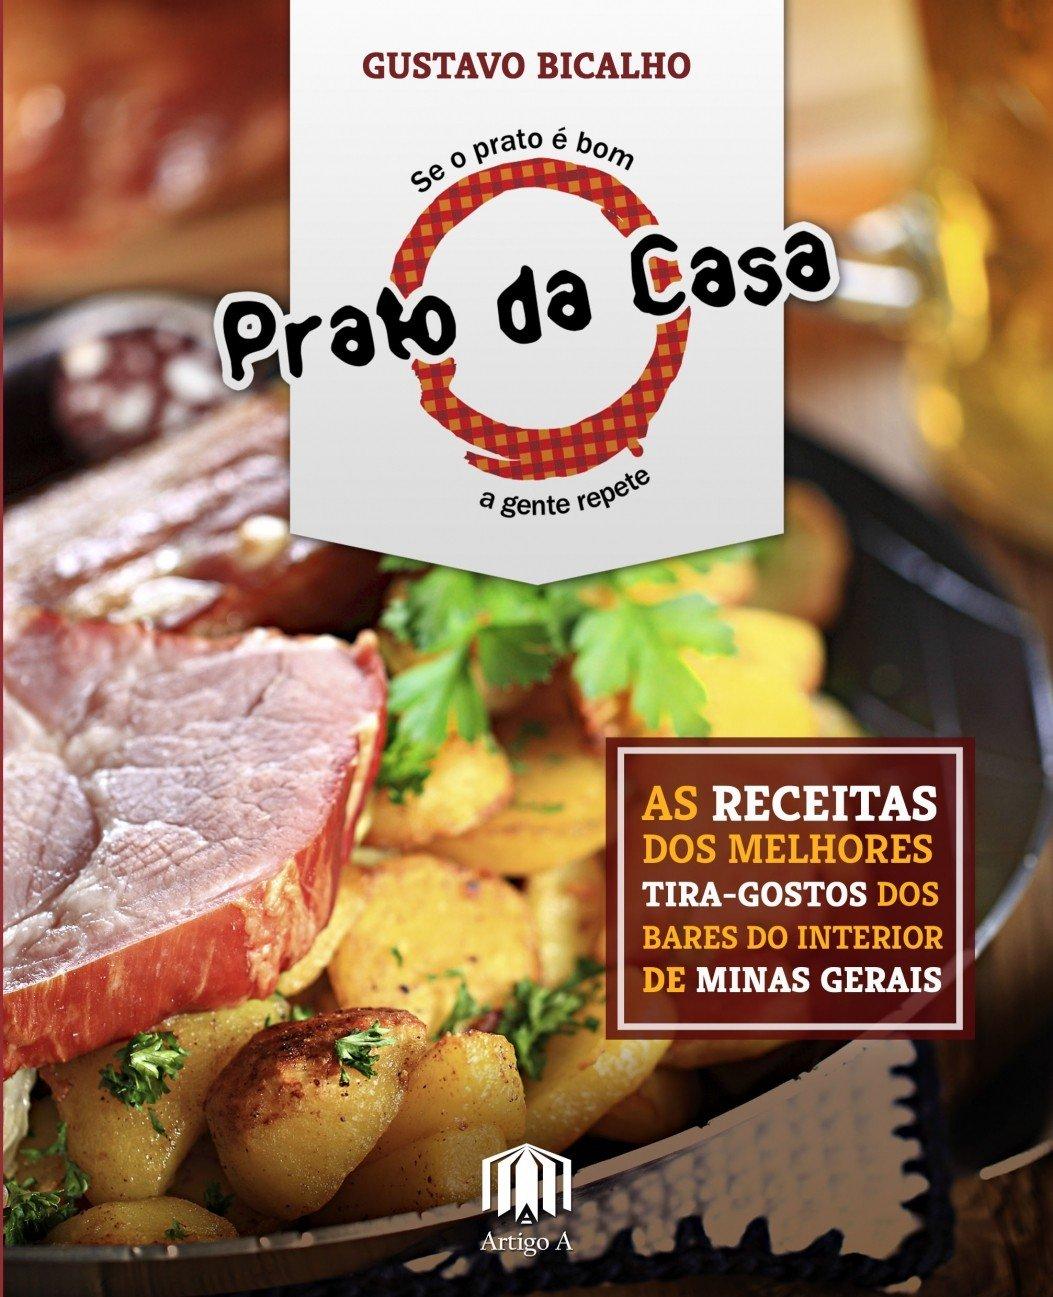 Read Online Prato da Casa: As Receitas dos Melhores Tira-gostos dos Bares do Interior de Minas Gerais Text fb2 book